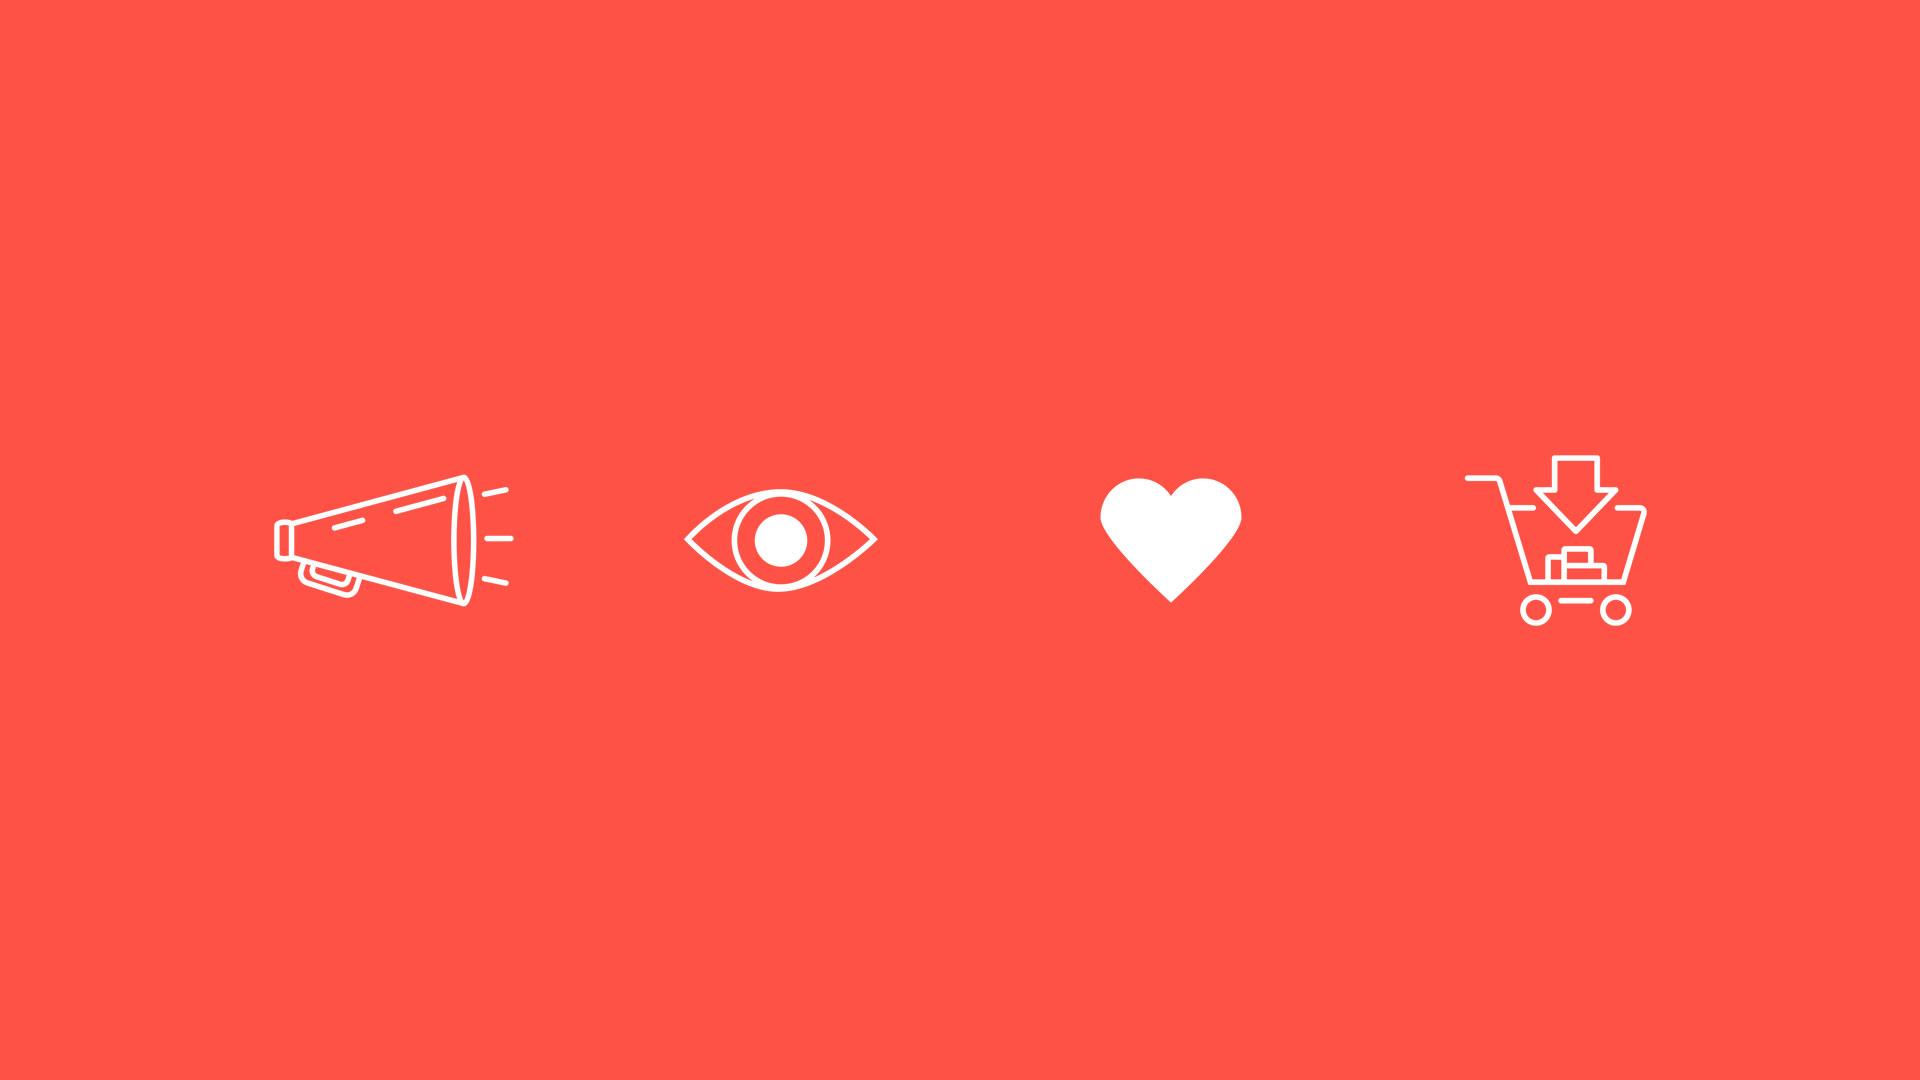 Icons Lautsprecher Auge Herz Einkaufswagen